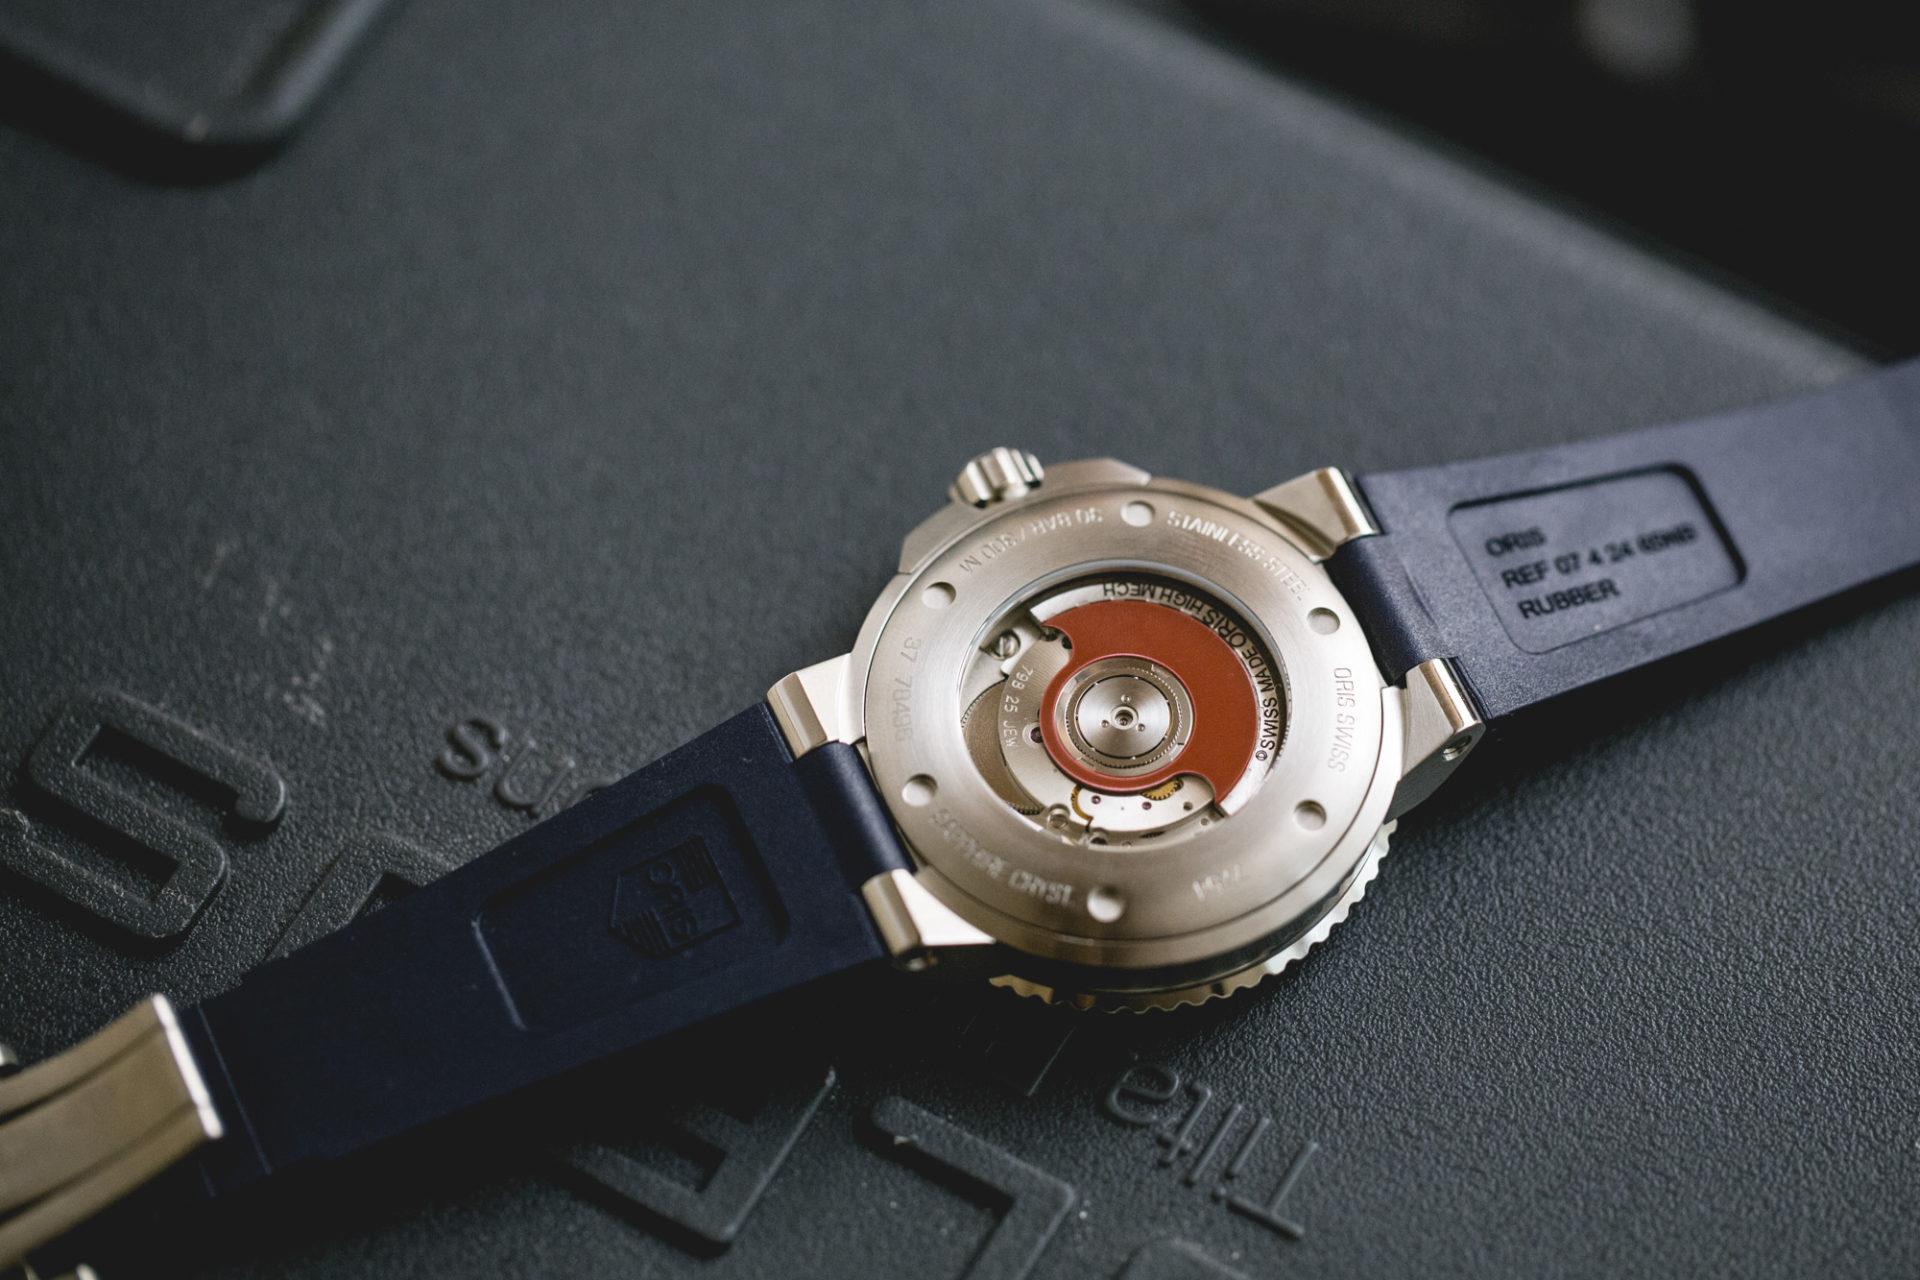 Oris Aquis GMT Date - Calibre Oris 798